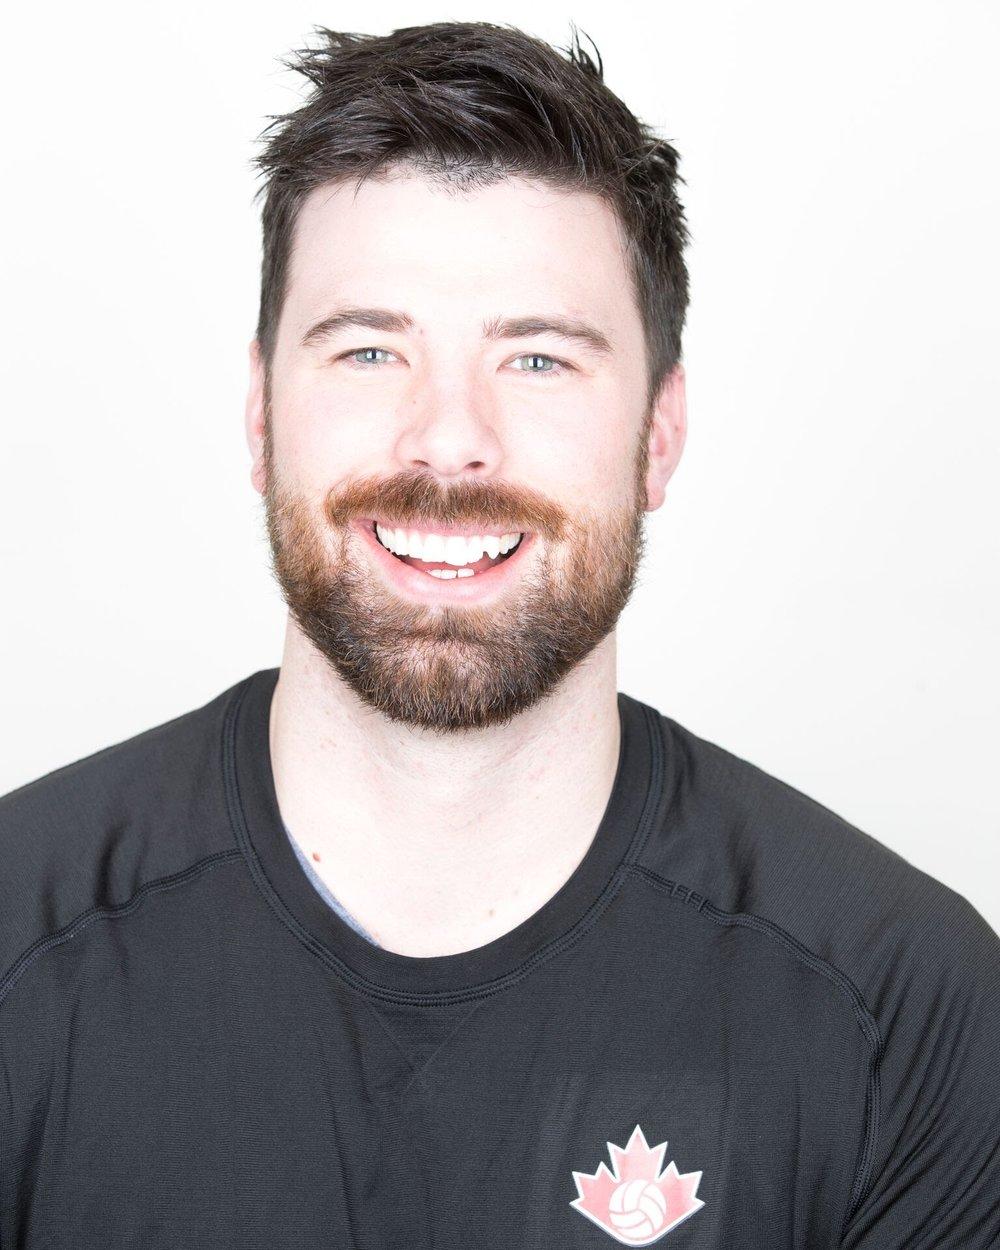 Ryan MacDonald Headshot.JPG